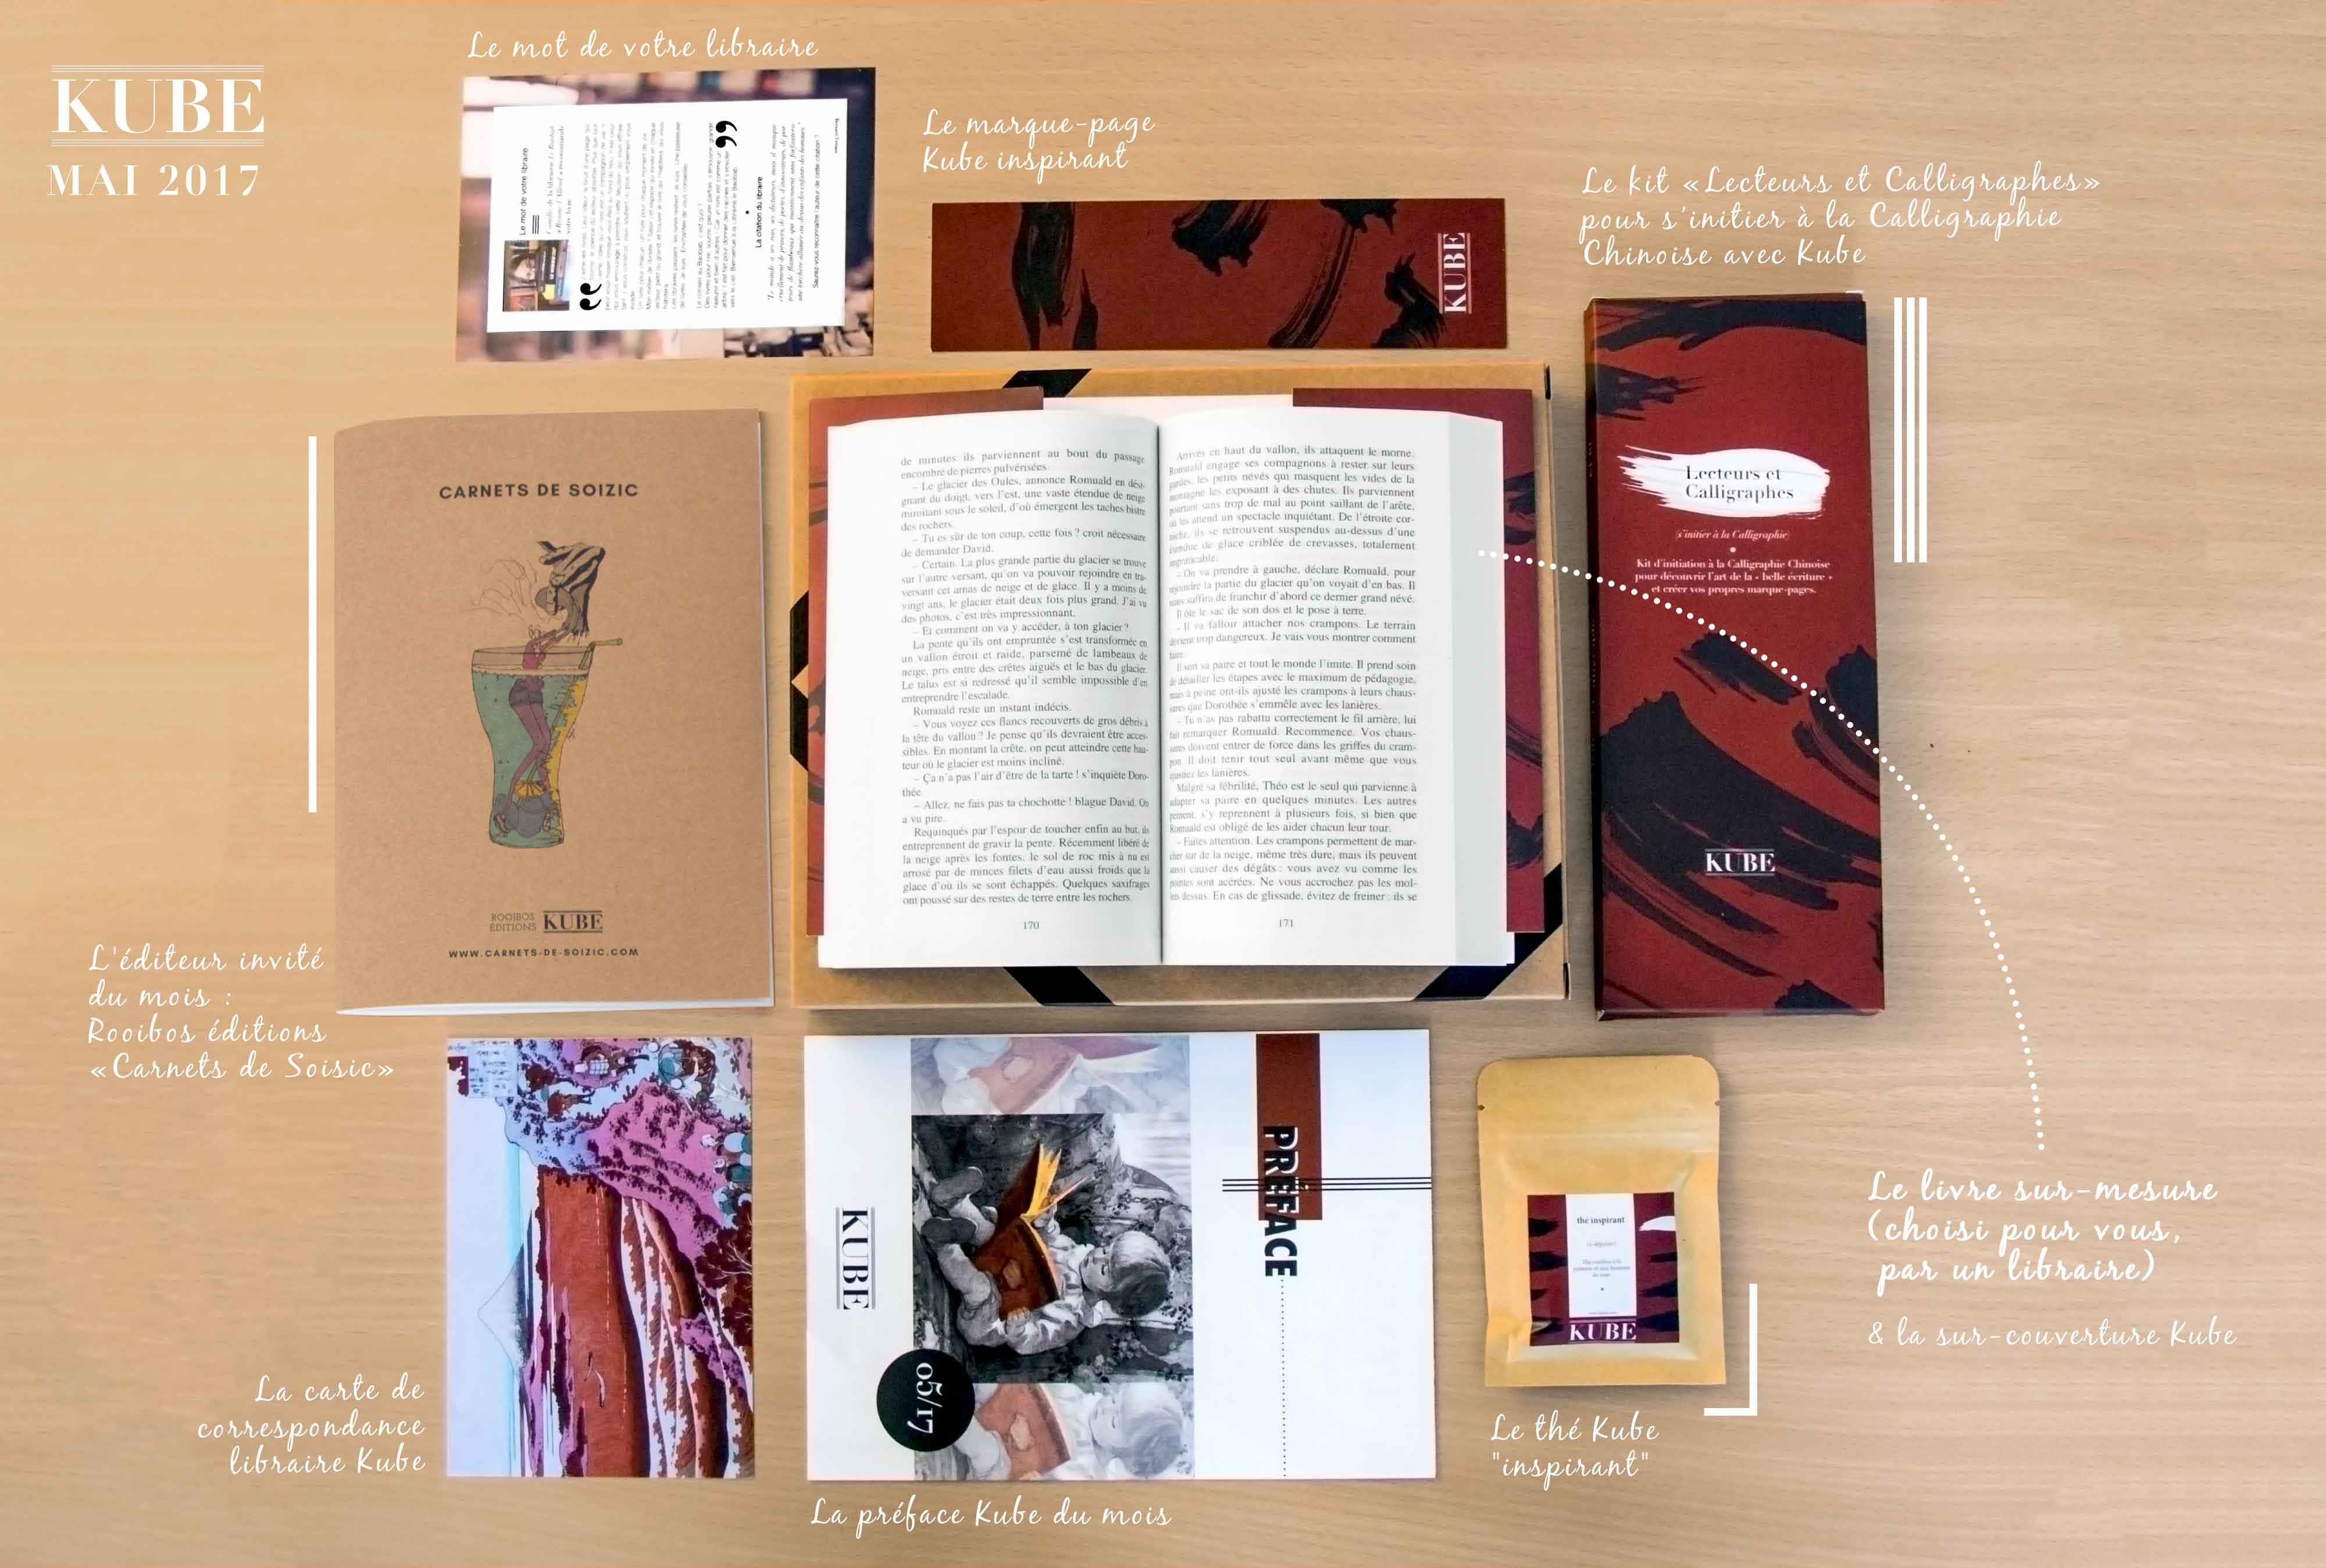 La Kube Lecteurs et Calligraphes